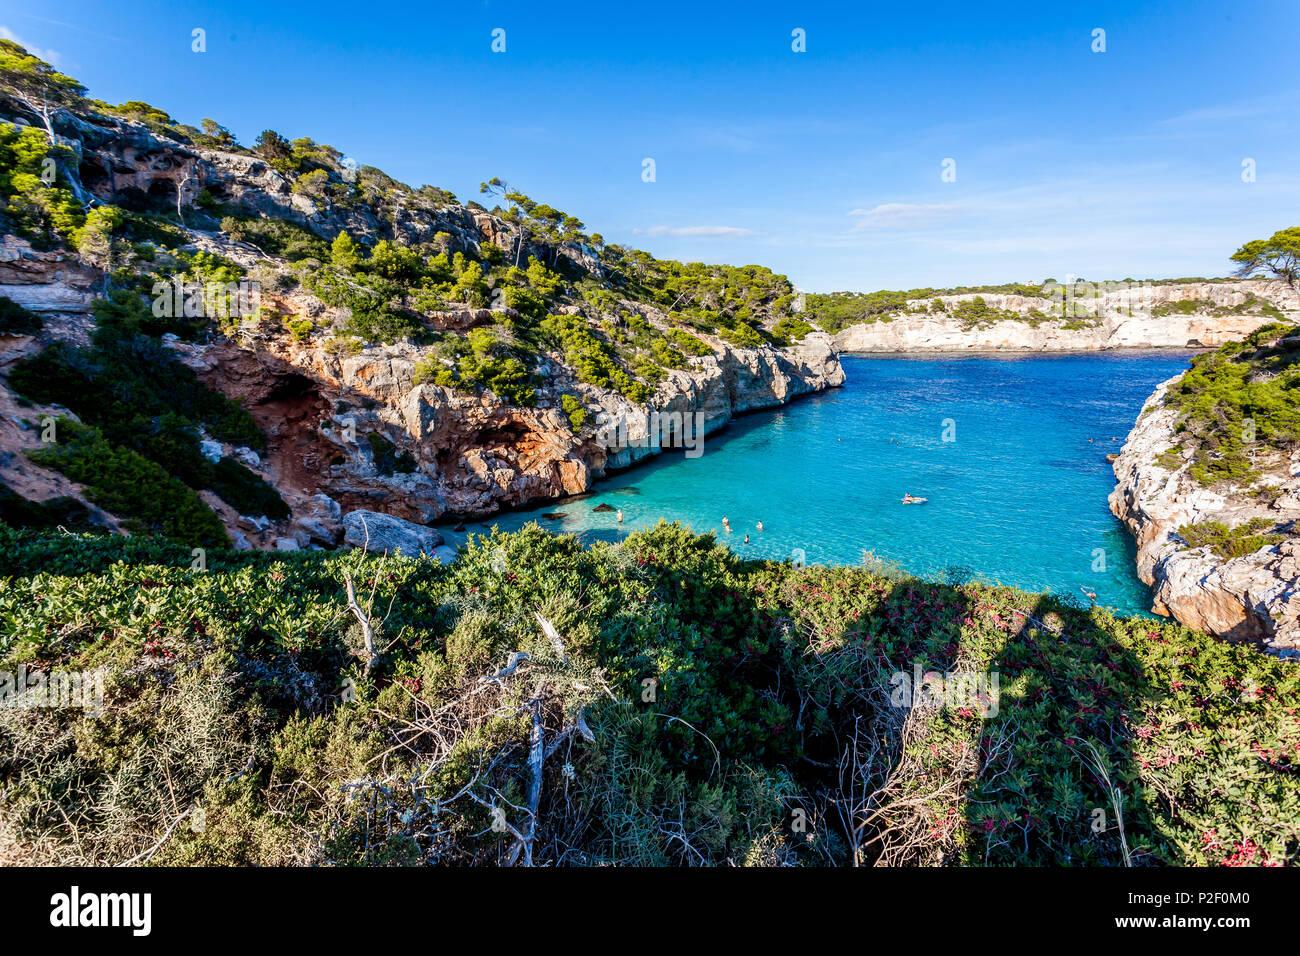 Calo des Moro, Mallorca, Balearische Inseln, Spanien ** Calo des Moro, Mallorca, Balearen, Spanien Stockbild